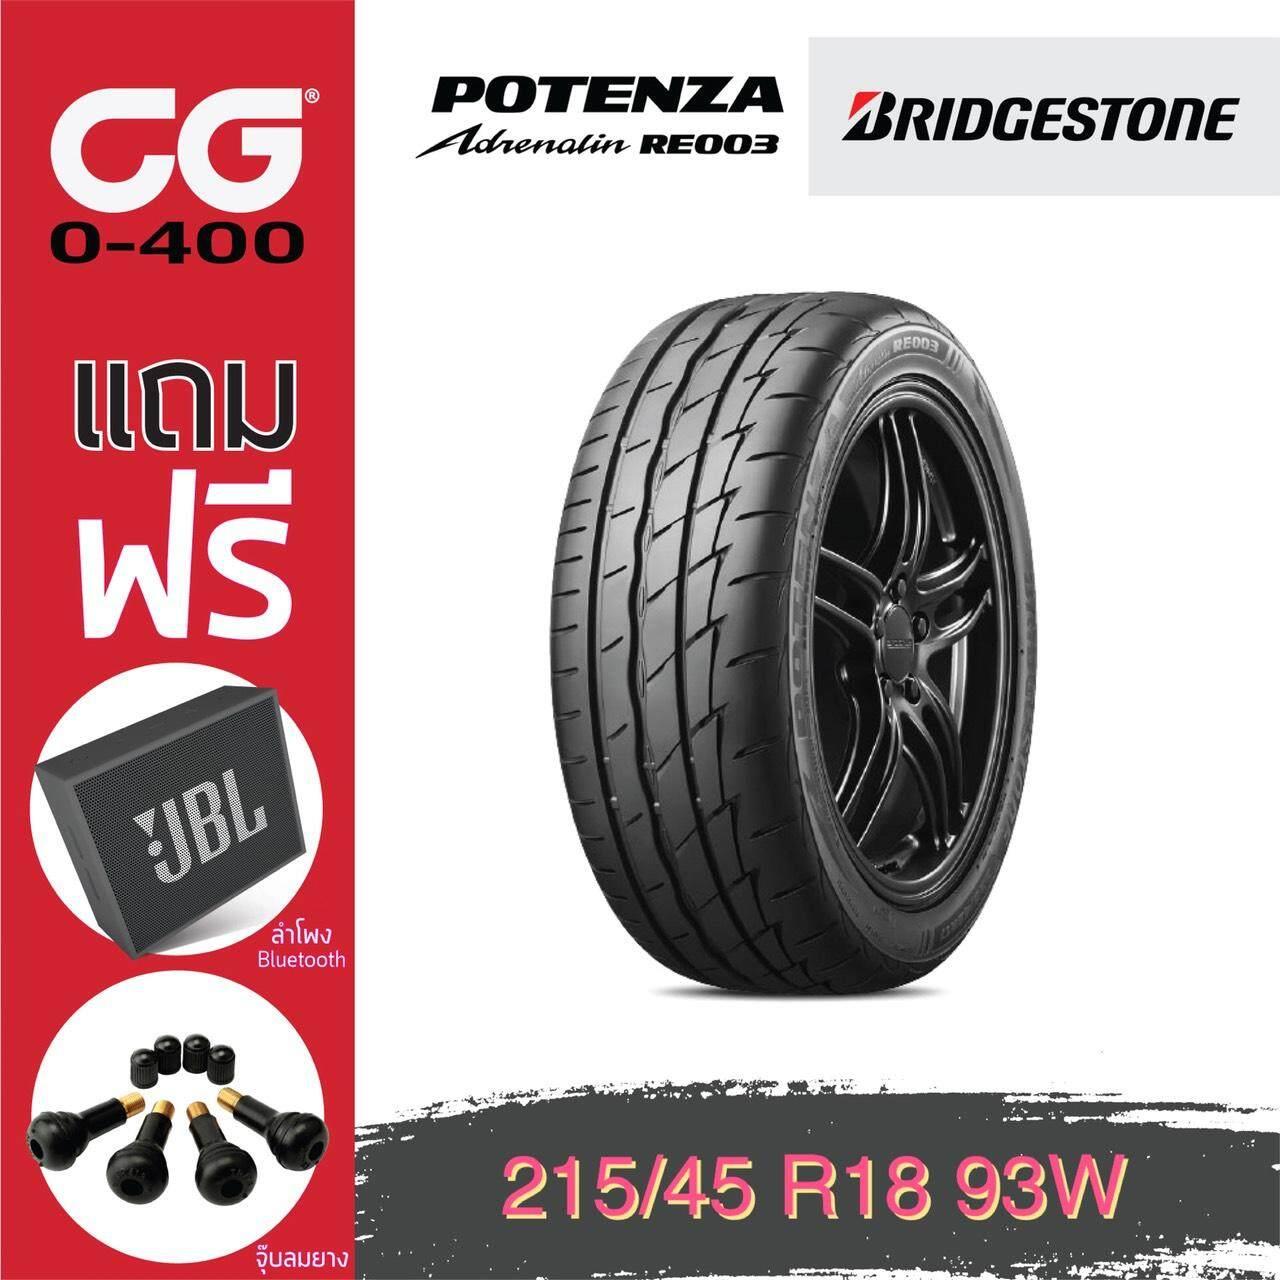 ประกันภัย รถยนต์ 2+ อุบลราชธานี BRIDGESTONE POTENZA RE003 Size 215/45 R18 93W จำนวน 4 เส้น